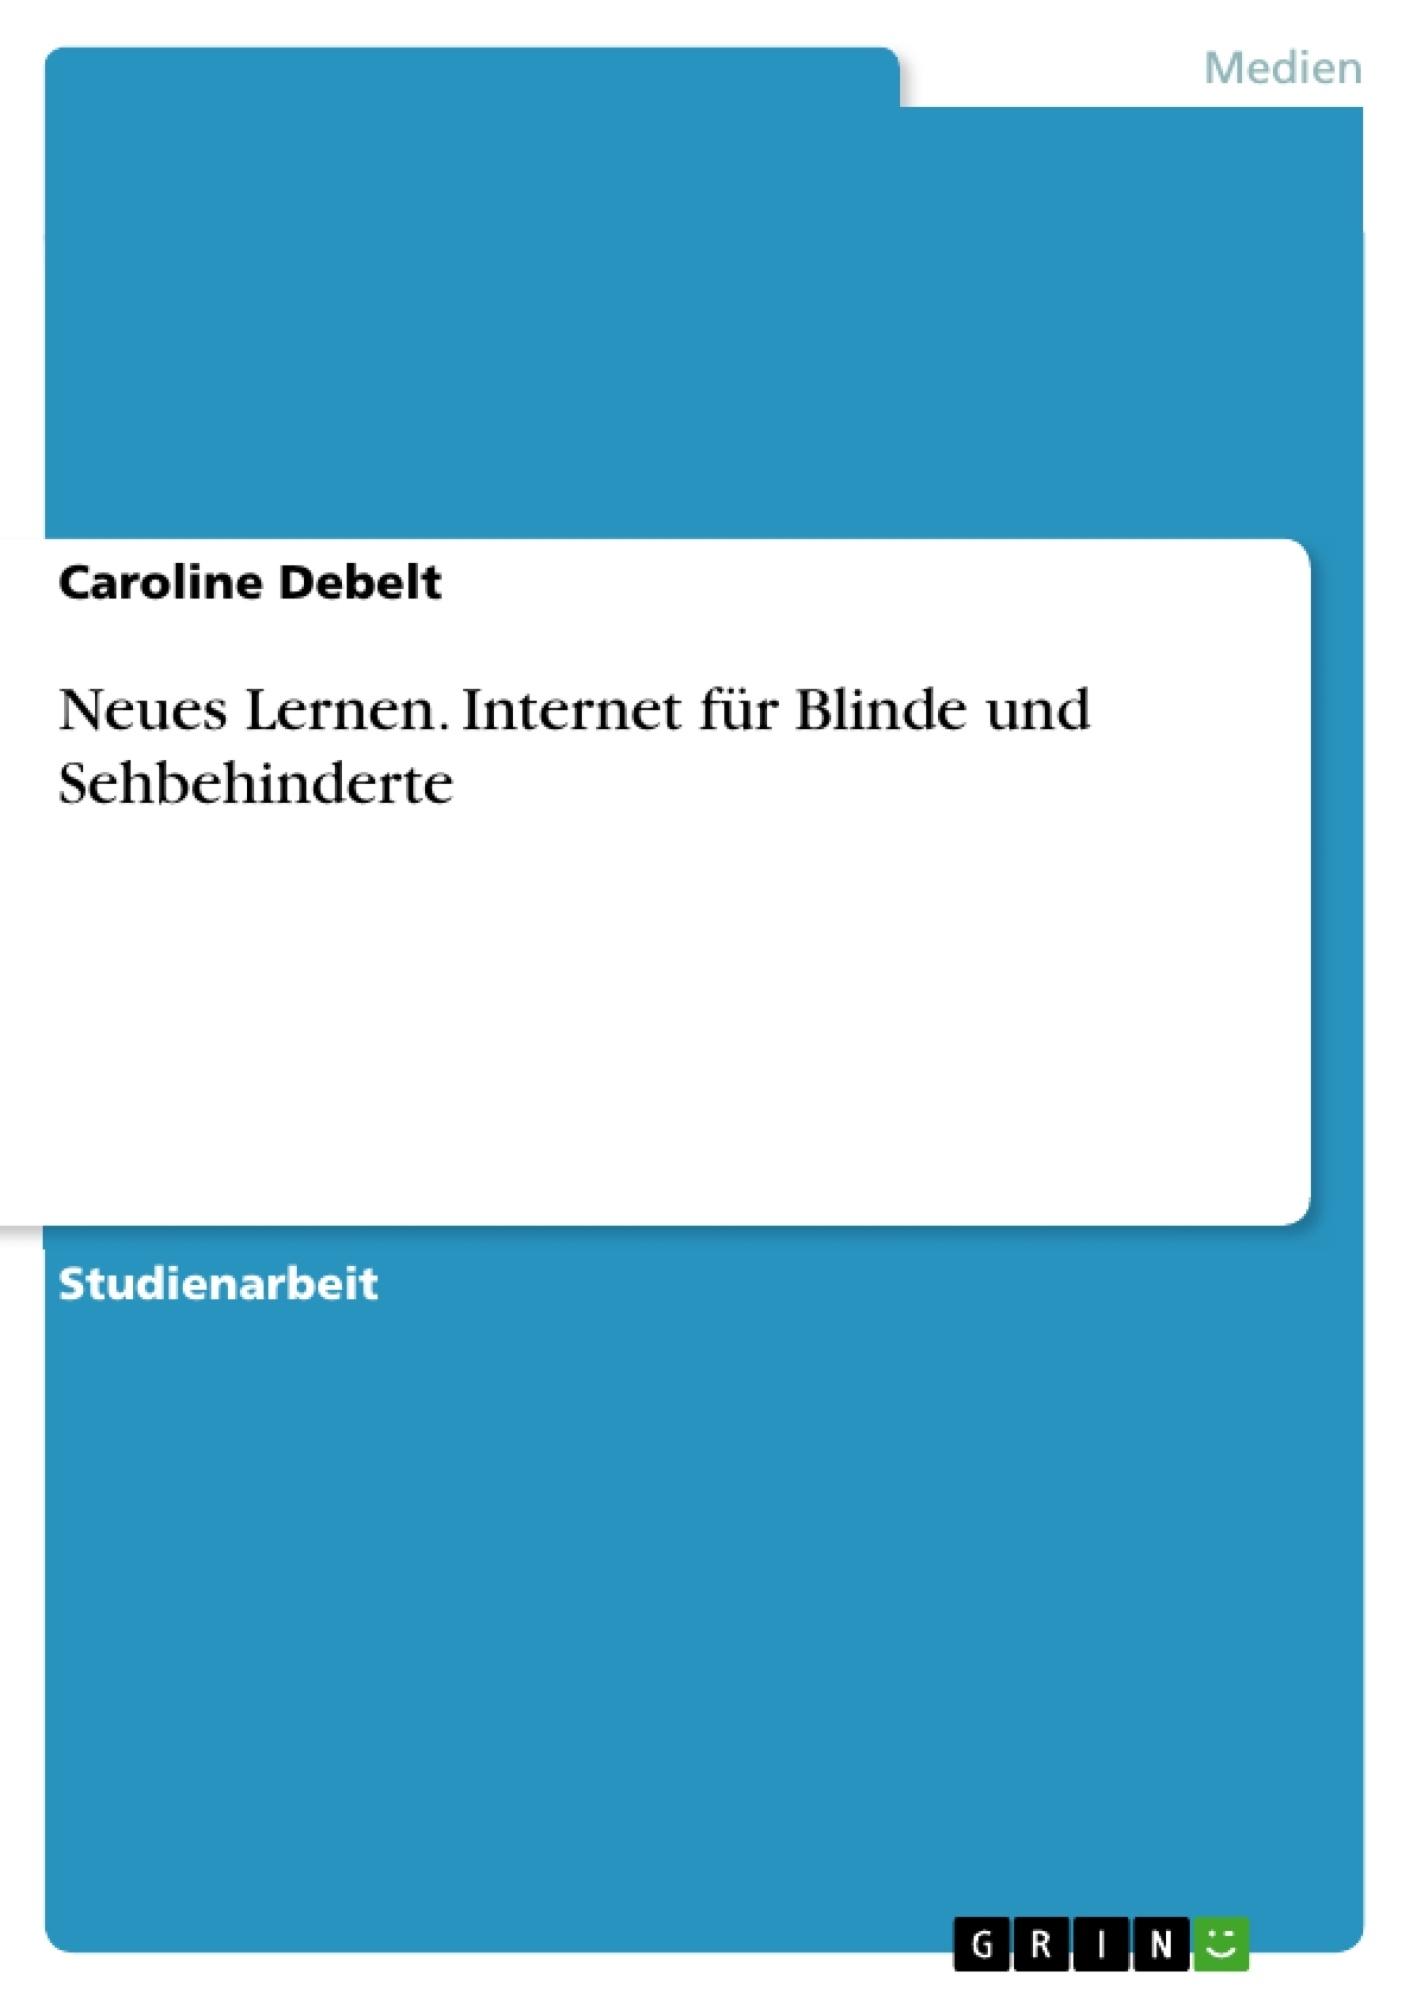 Titel: Neues Lernen. Internet für Blinde und Sehbehinderte